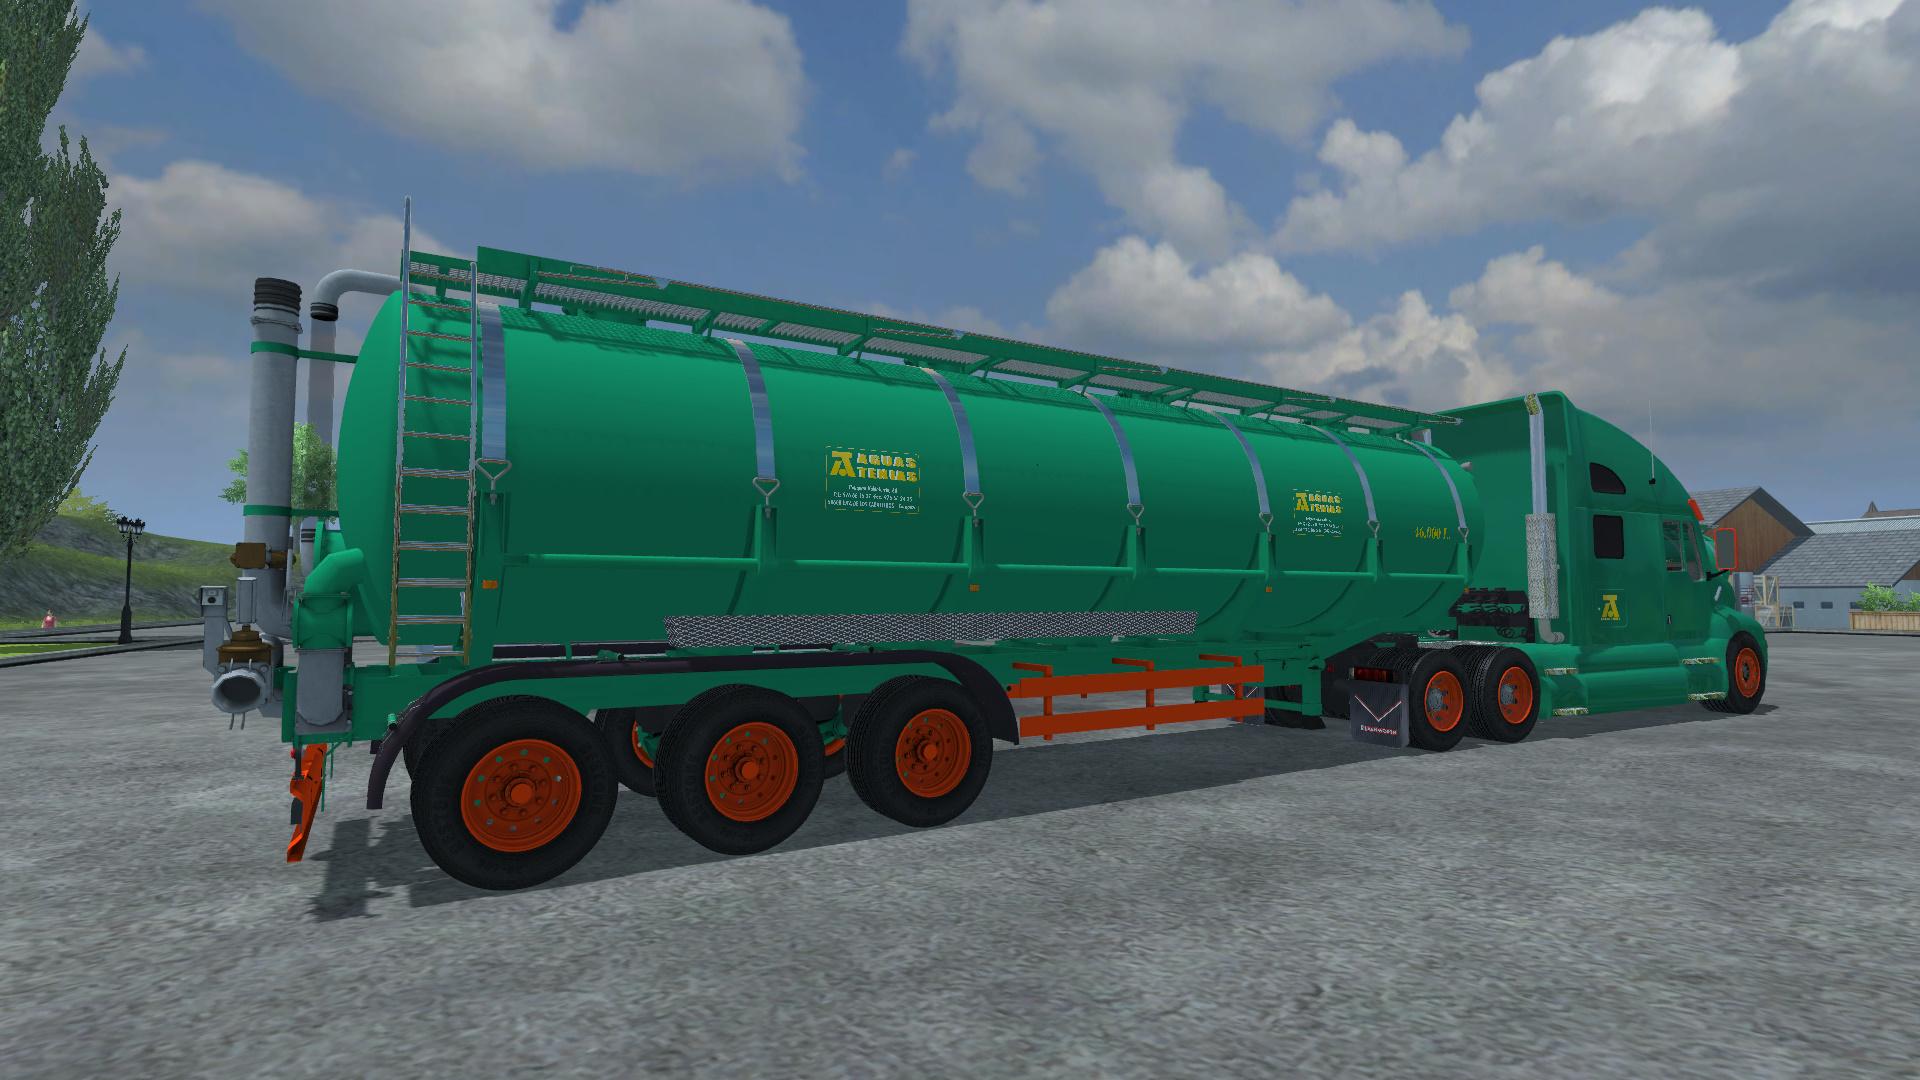 [Encuesta][T.E.P.] Proyecto Aguas Tenias (22 modelos + 1 Camión) [Terminado 21-4-2014]. - Página 11 Farmingsimulator2013gk2s95